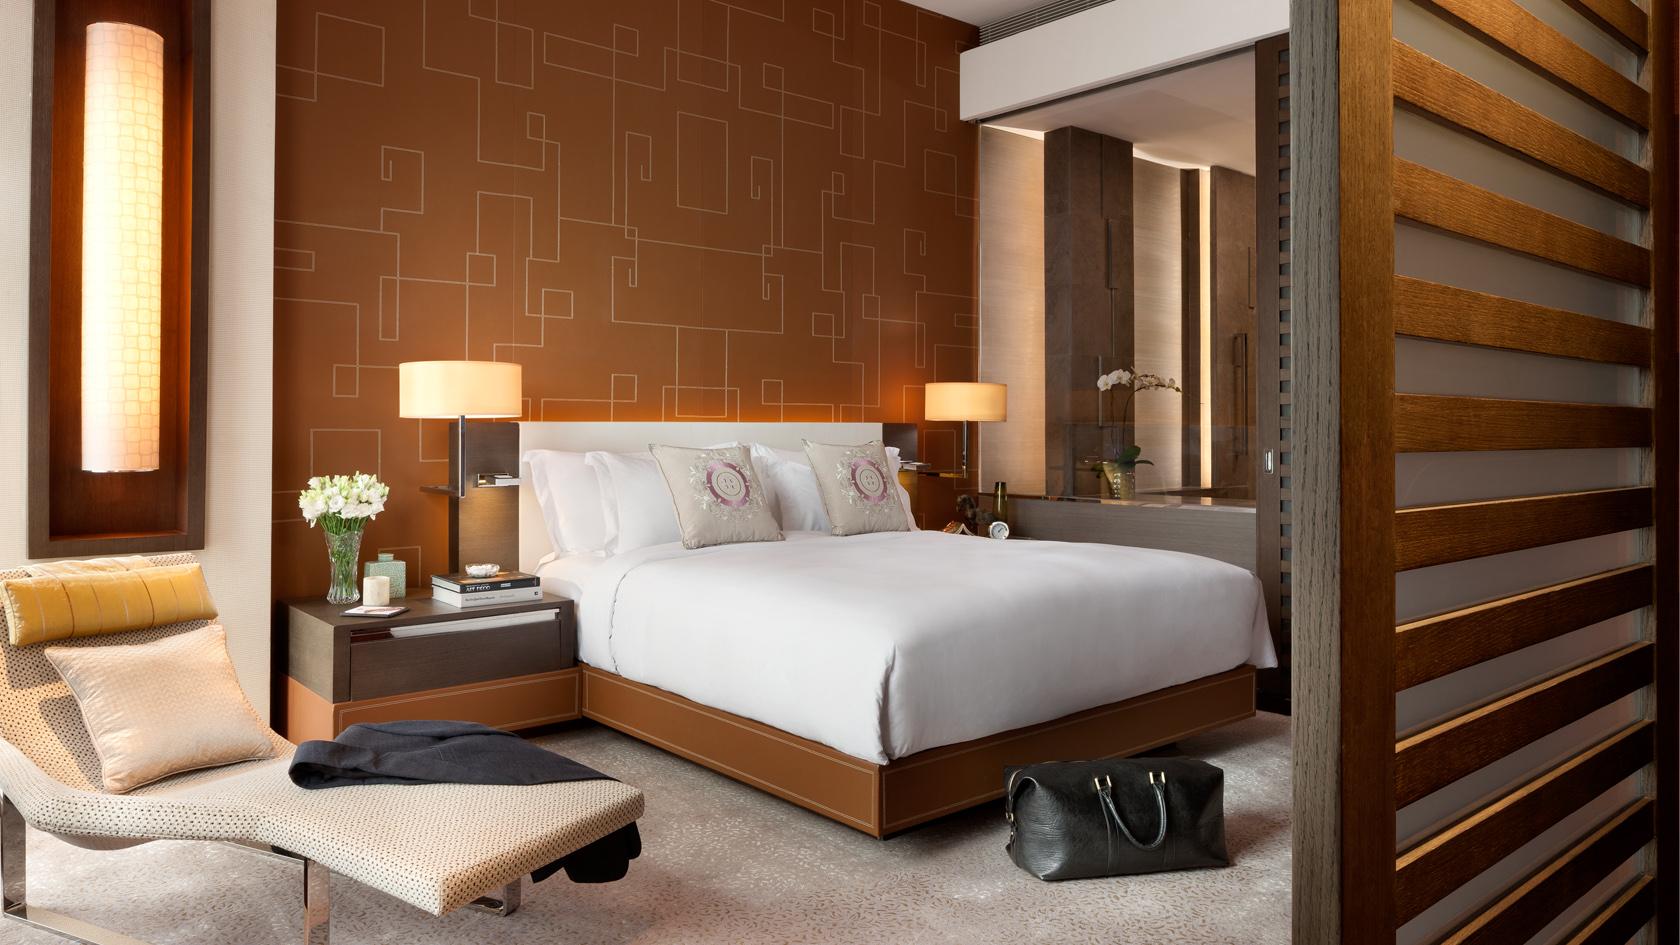 langham-suite-bedroom.jpg